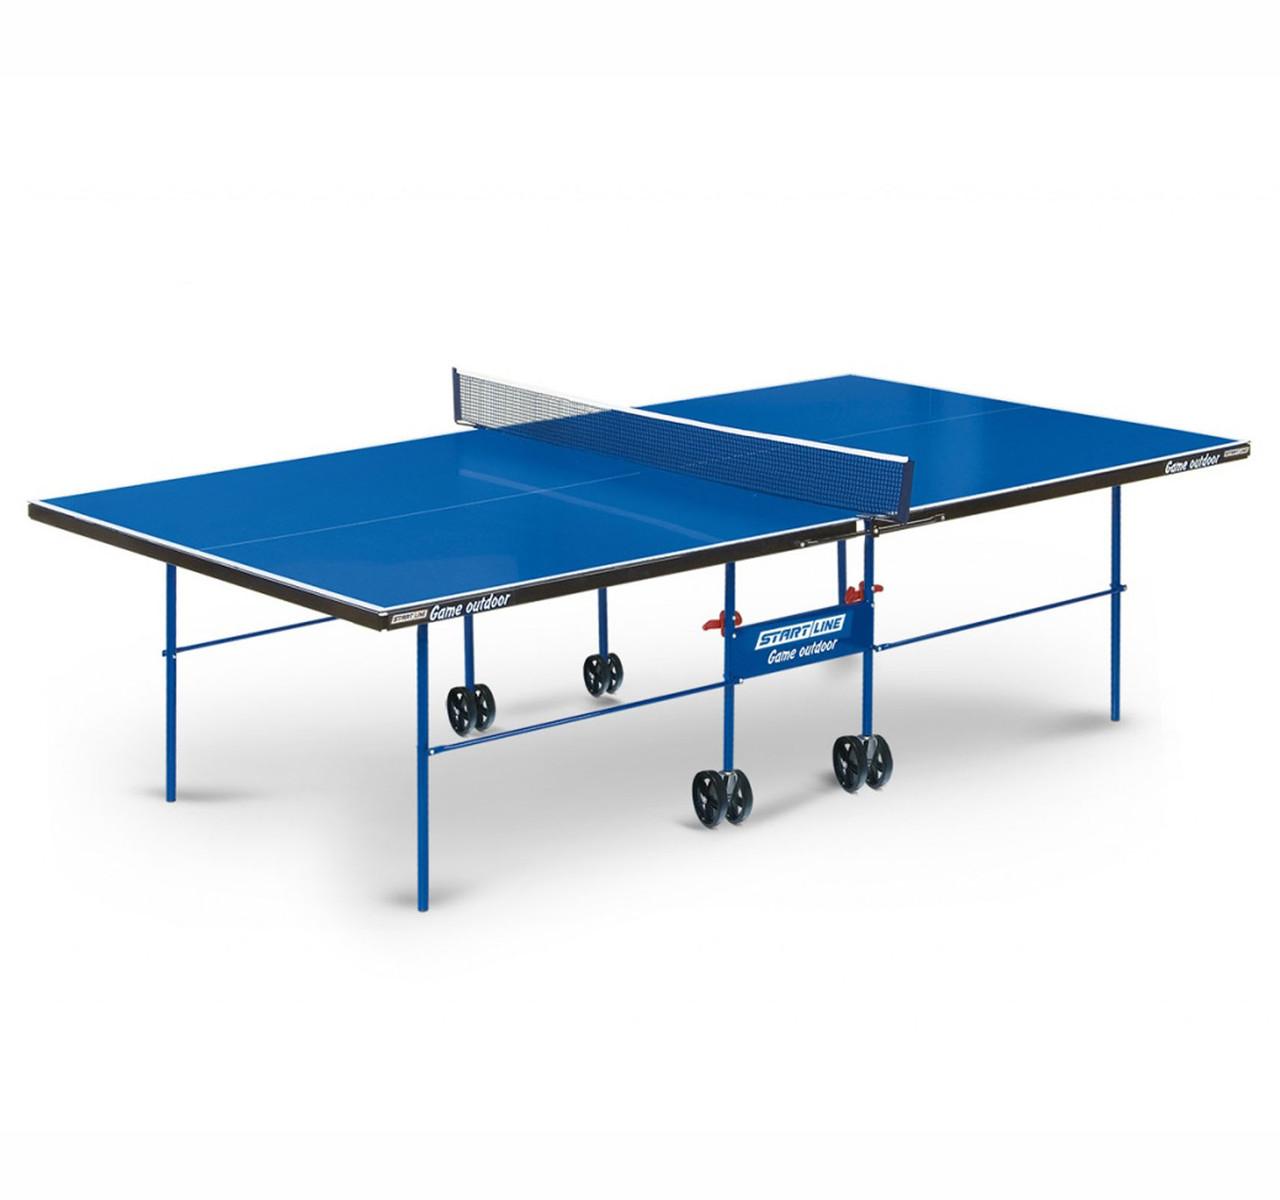 Теннисный стол Start line GAME с сеткой Outdoor Blue - фото 1